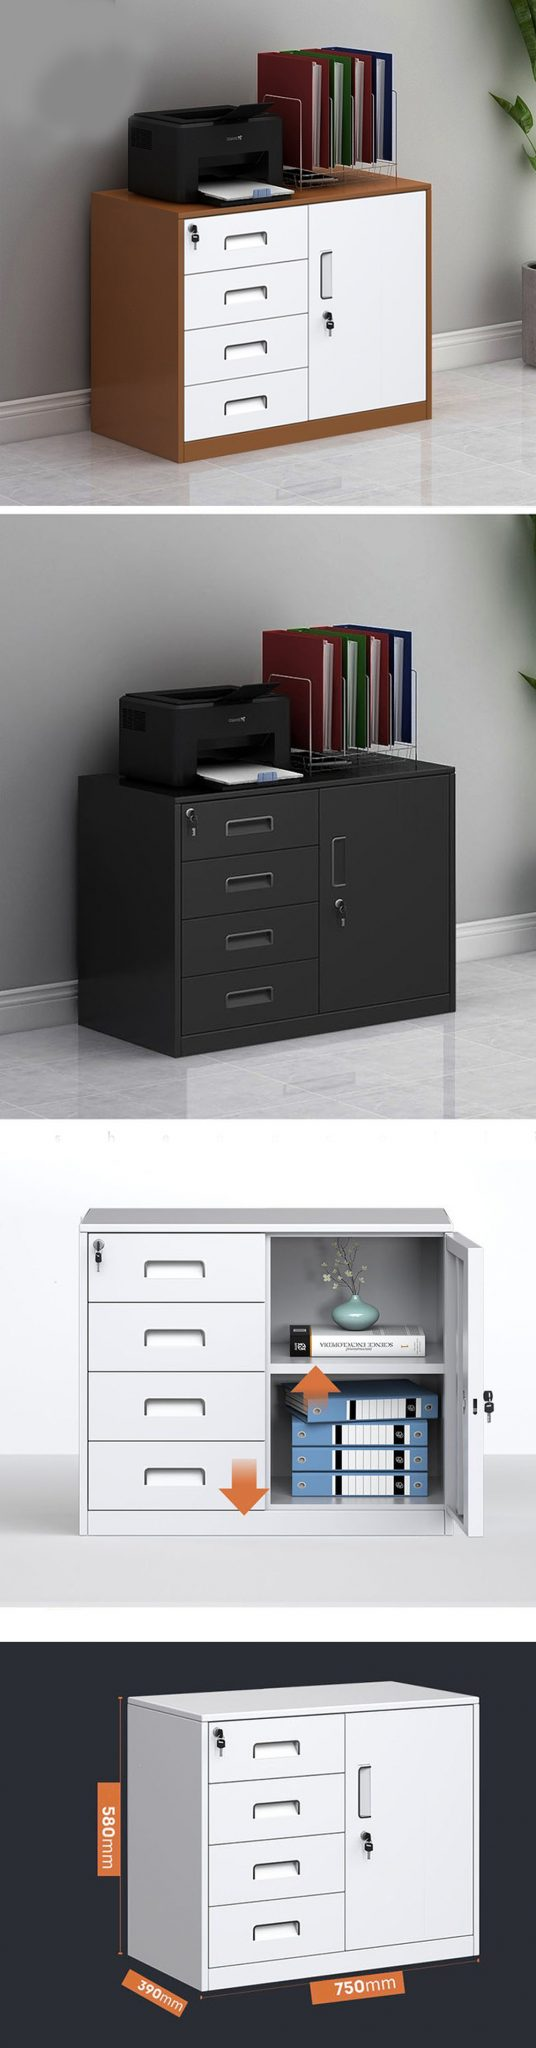 Có thiết kế thêm tủ có cánh có thể lưu trữ những tập tài liệu cần thiết.